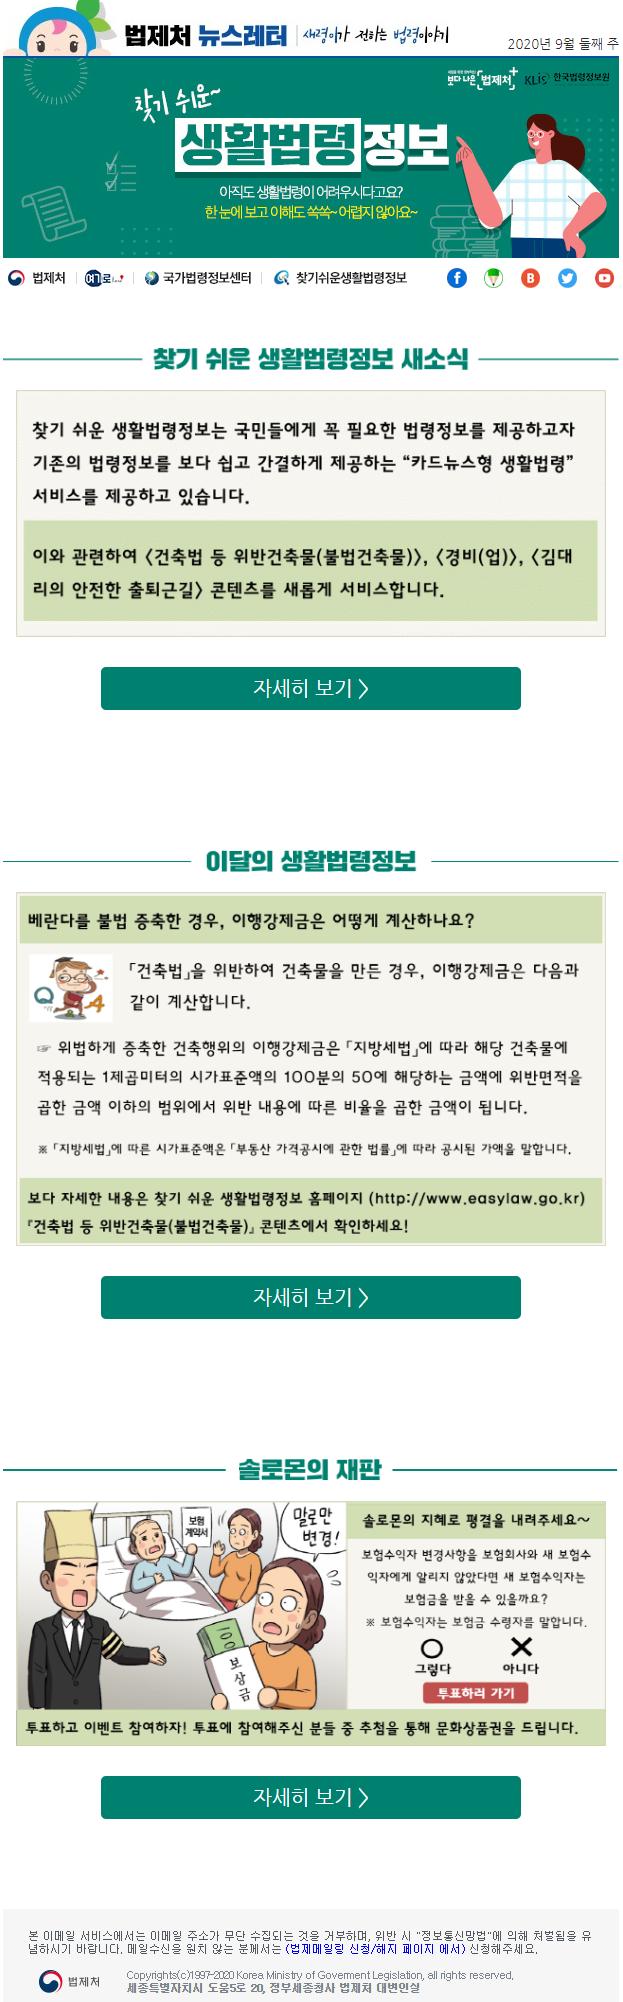 2020년 9월 찾기 쉬운 생활법령정보 뉴스레터